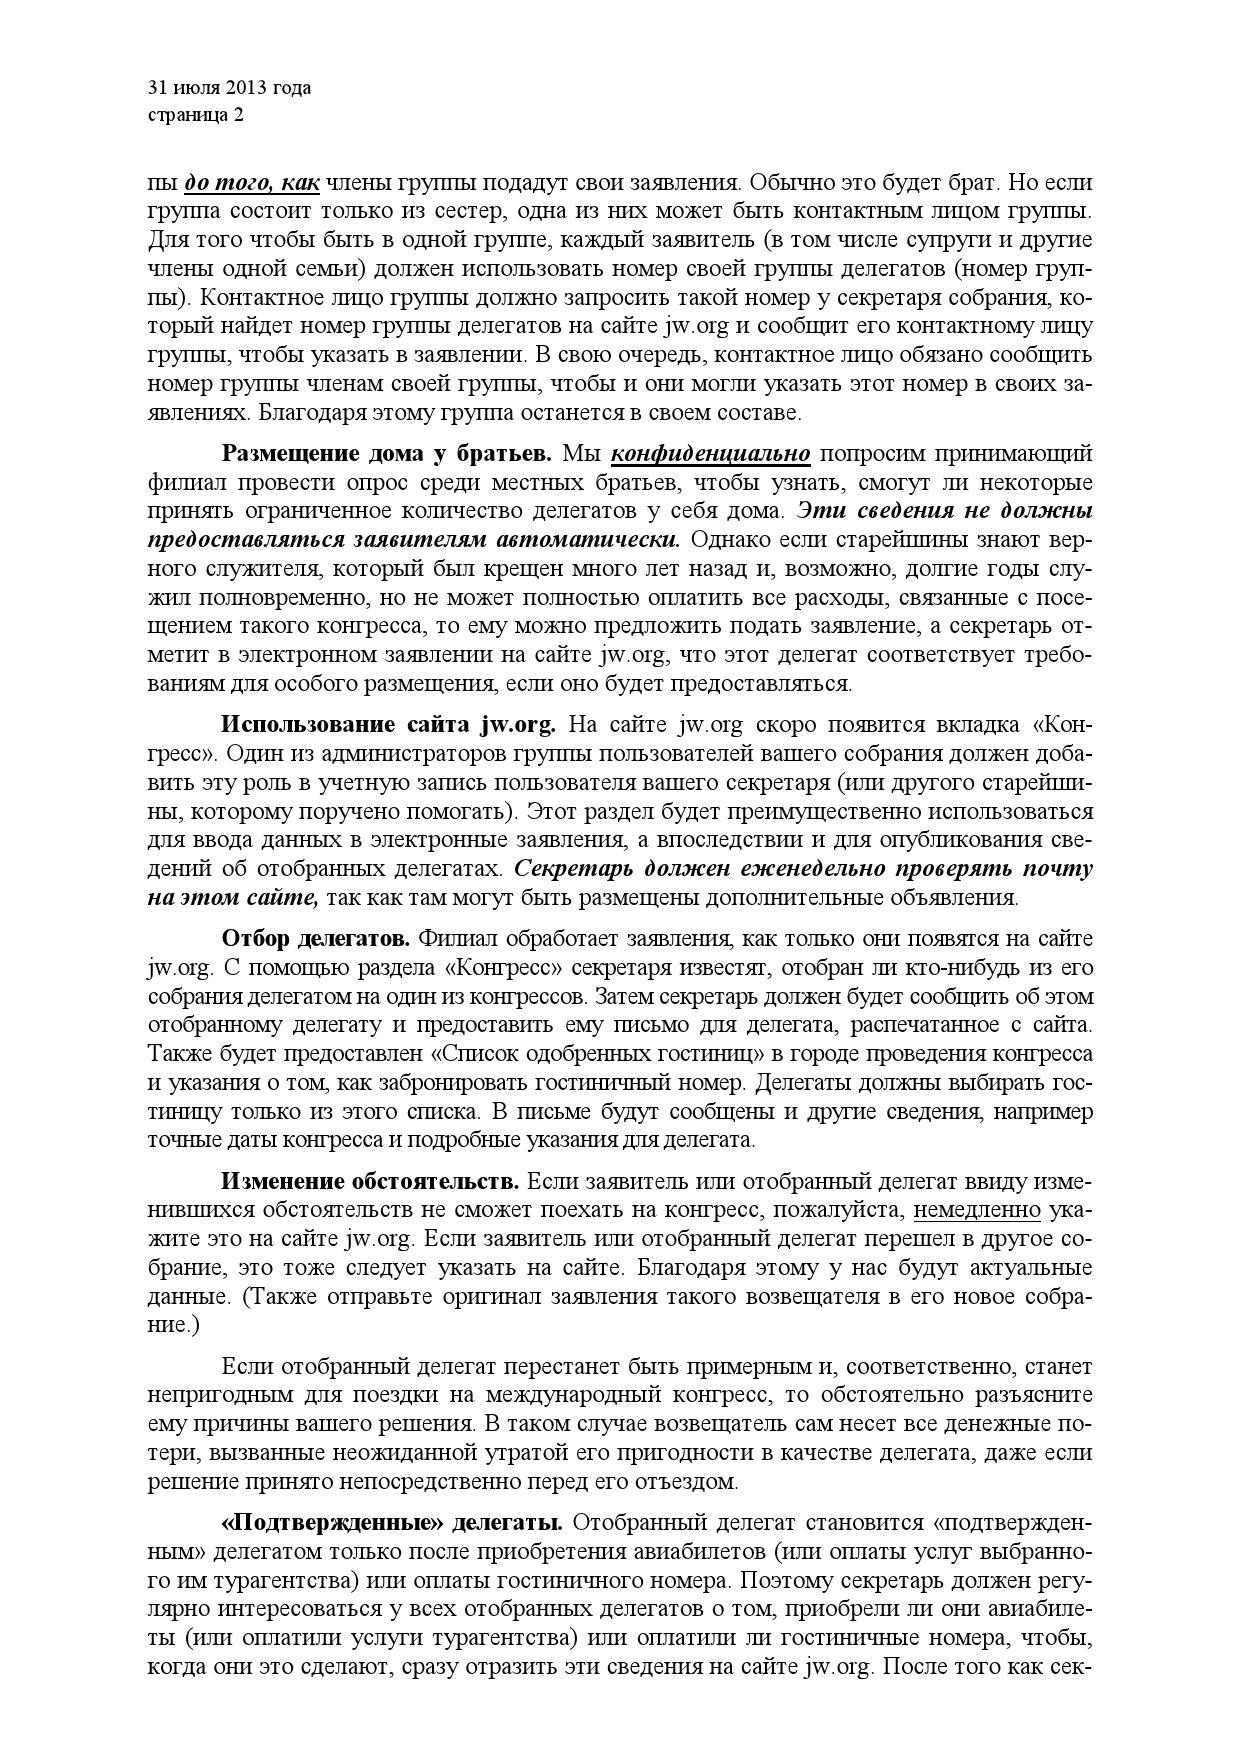 L-20130731-U-Ru-CSC (размещение делегатов, конфиденц.запросы)___000002